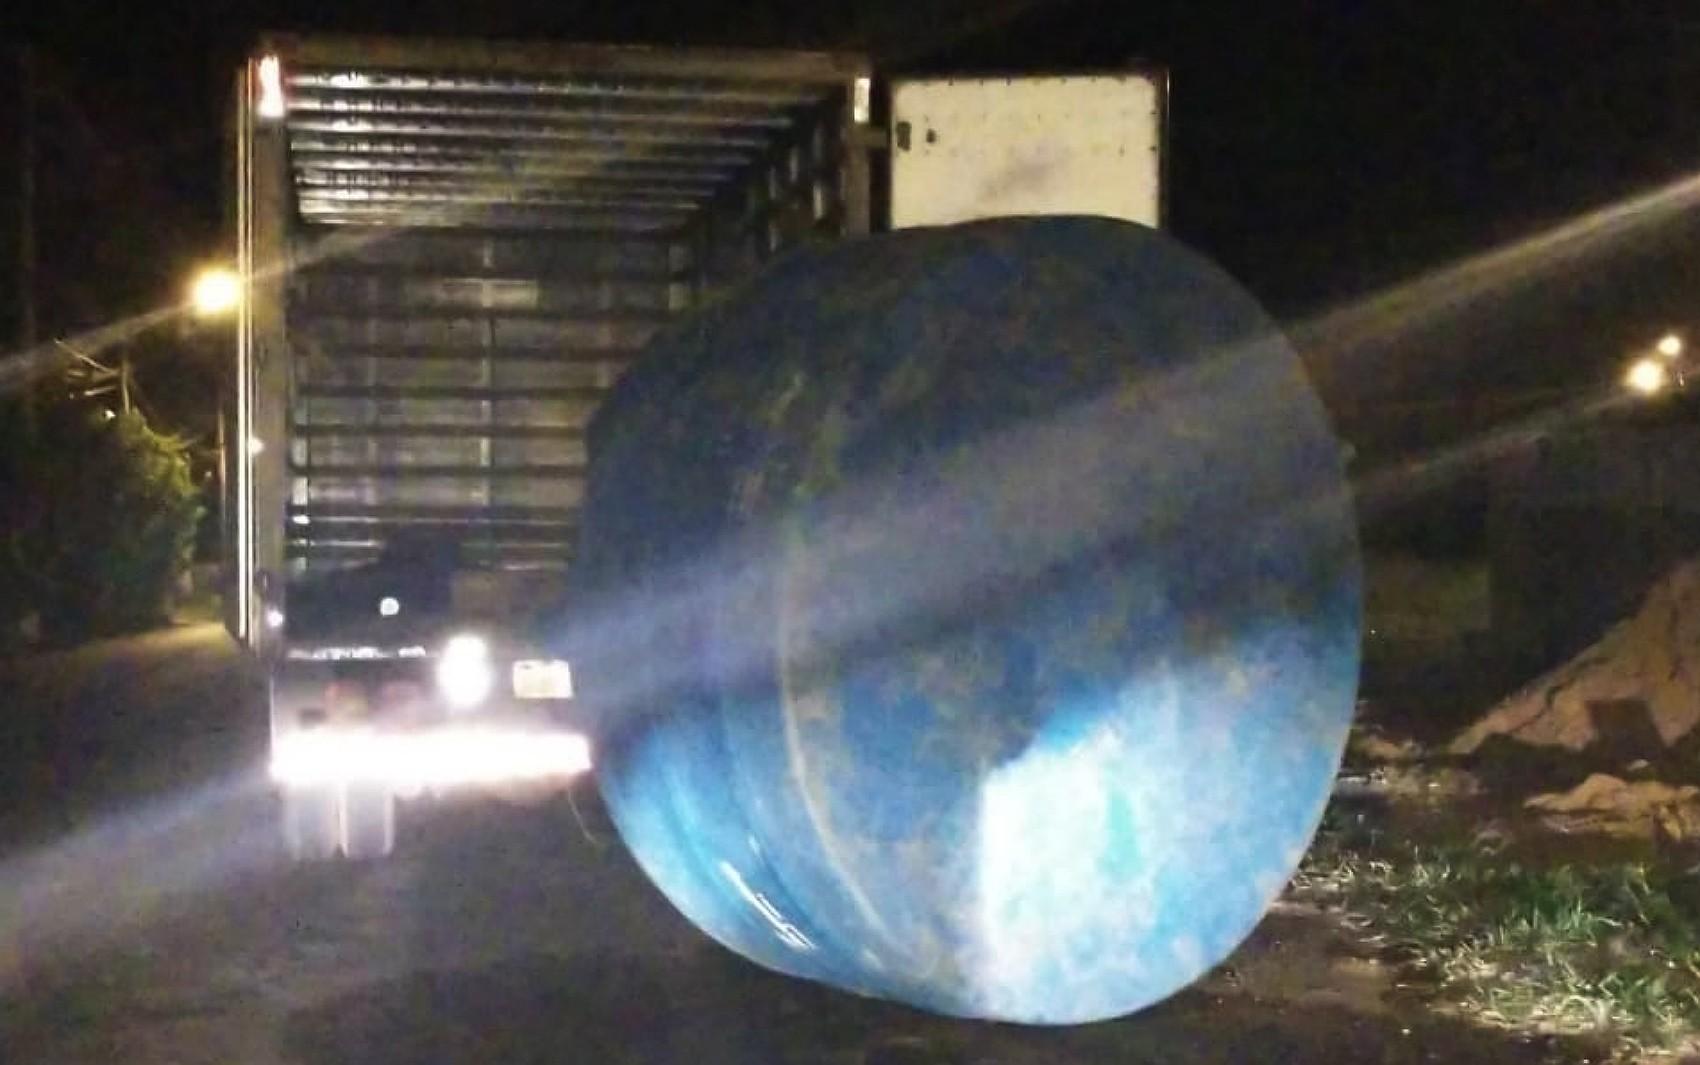 Dupla é detida após tentar furtar caixa d'água de construção em Franca, SP  - Noticias